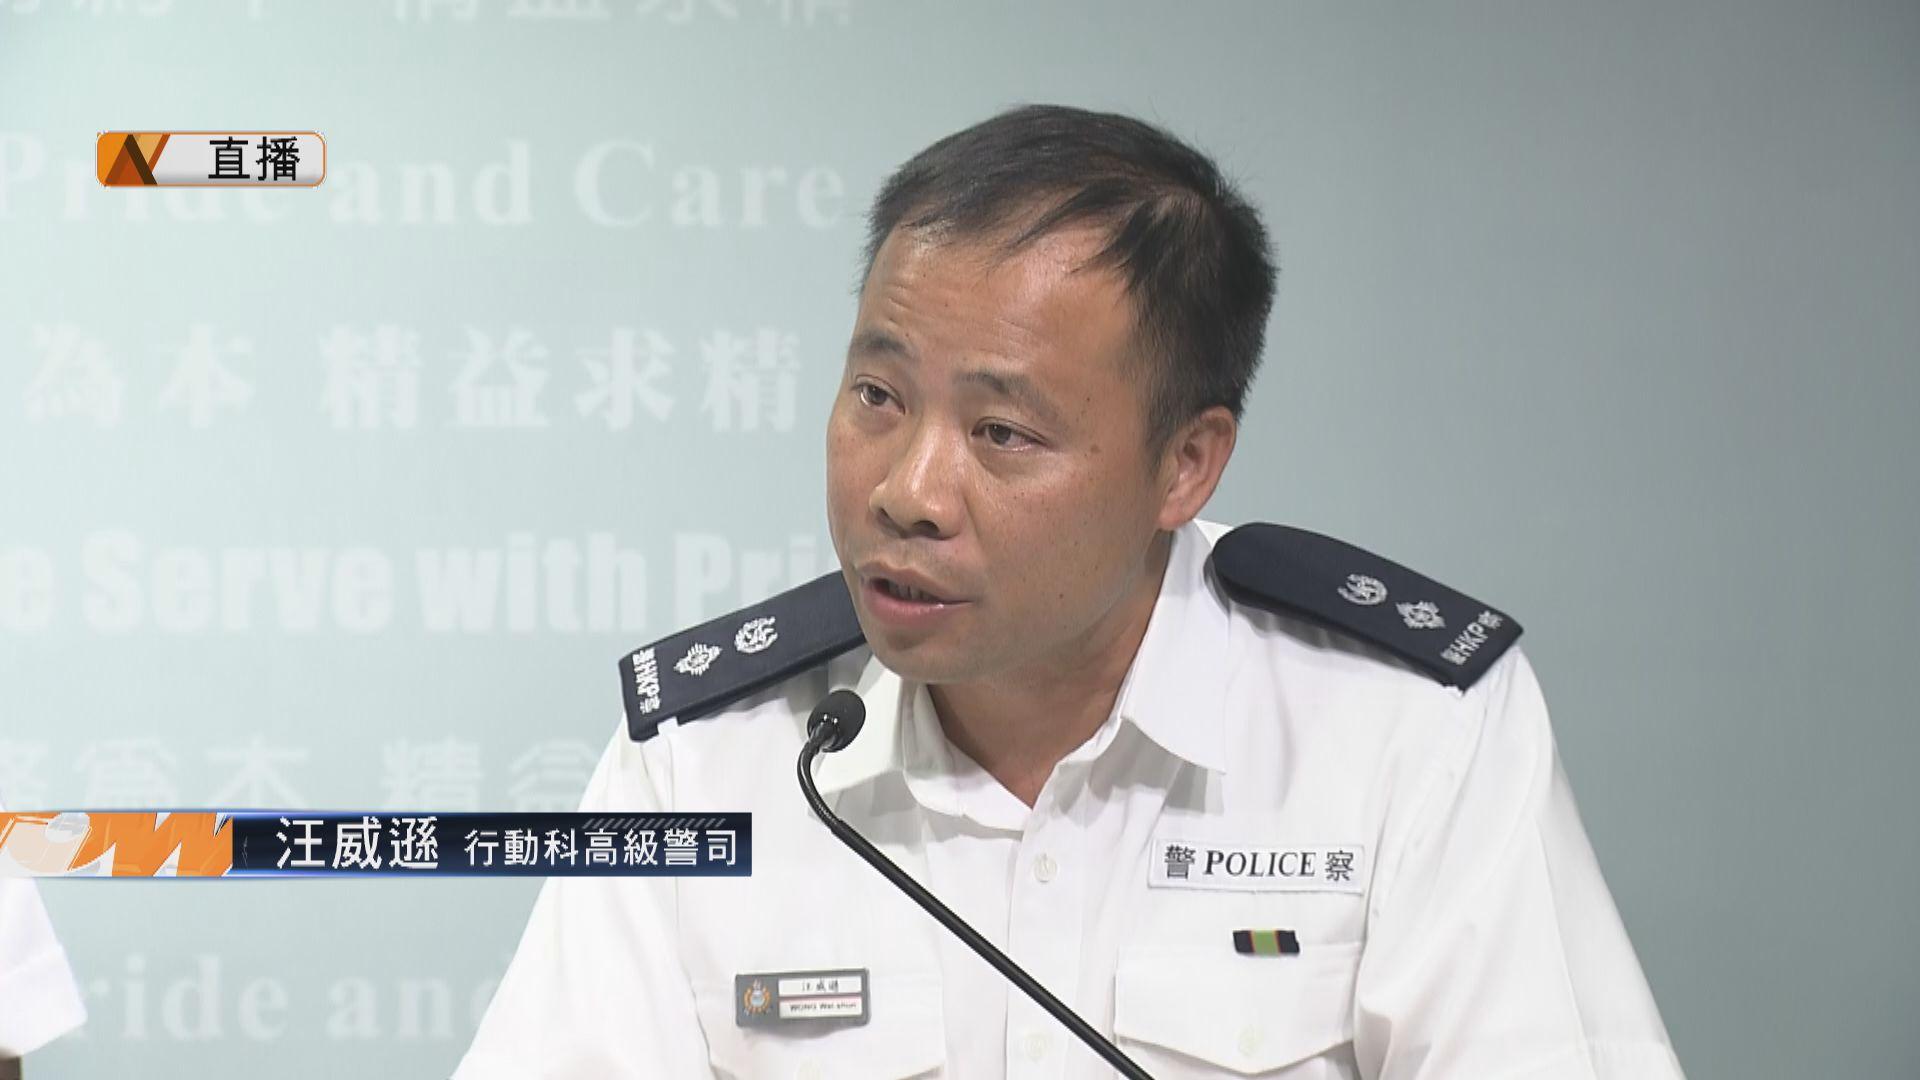 【最新】警方:休班警配備警棍能更有效保護市民安全